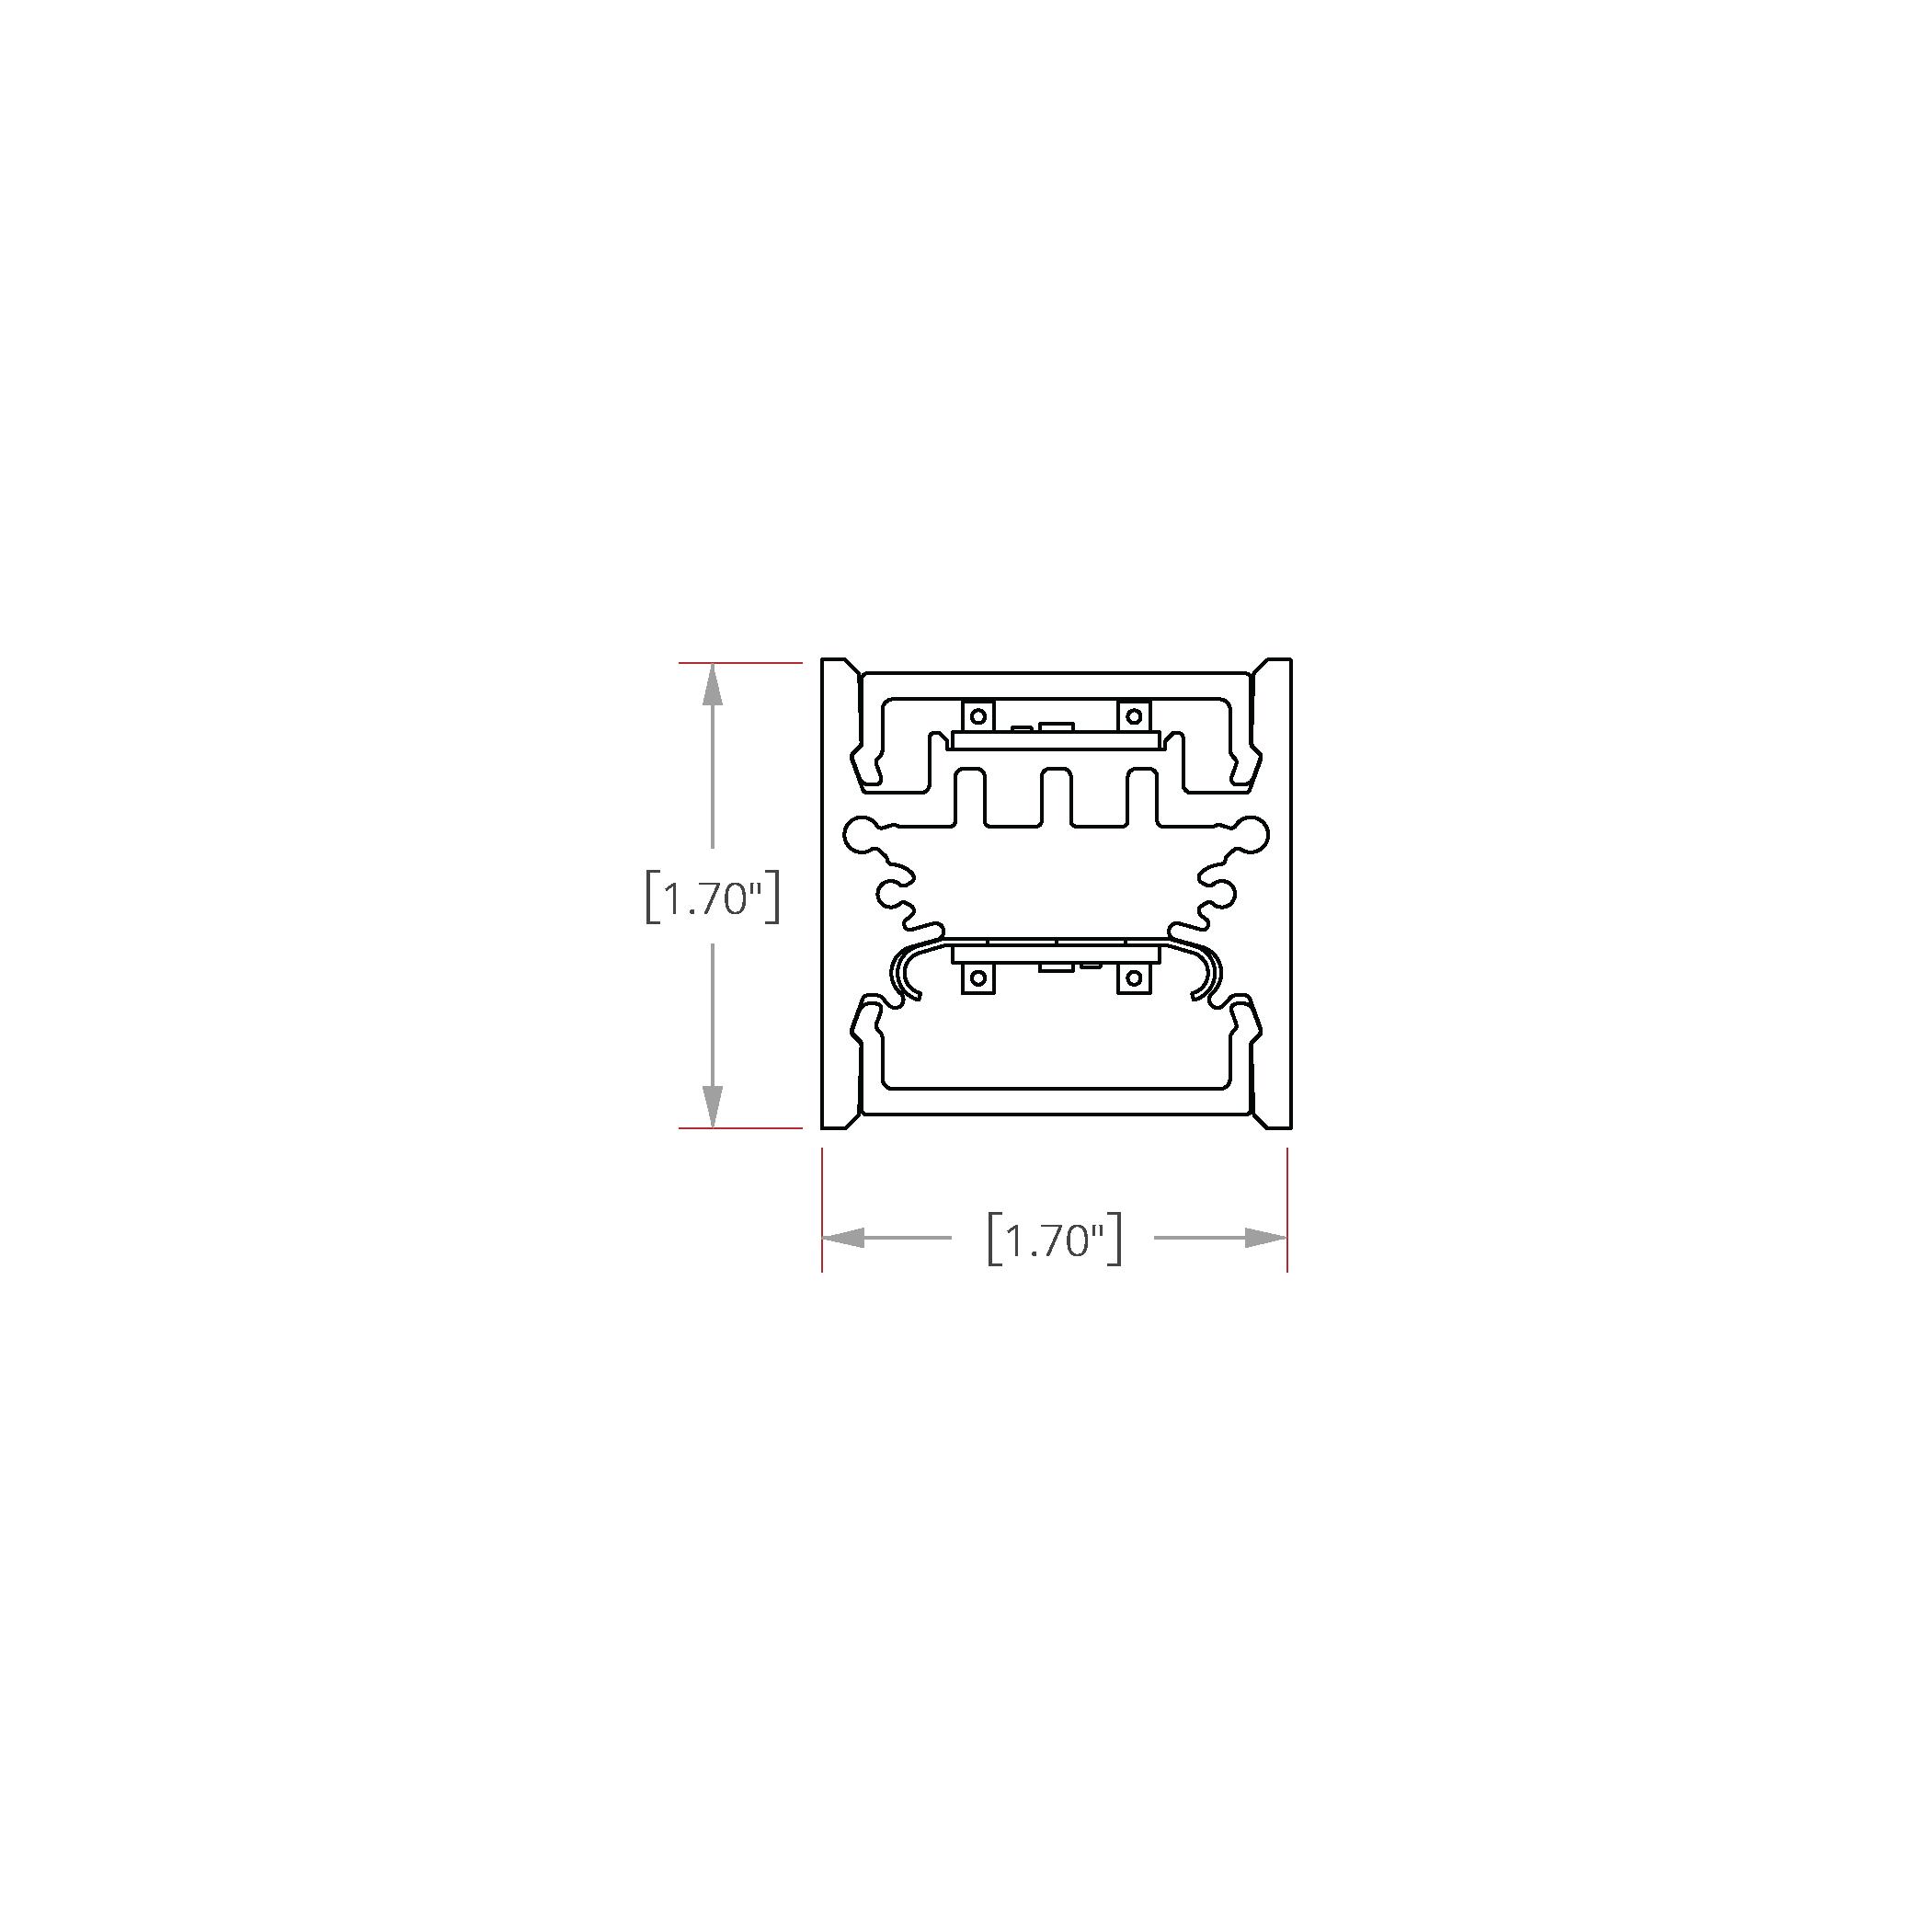 Neodymium 1 Line Drawing